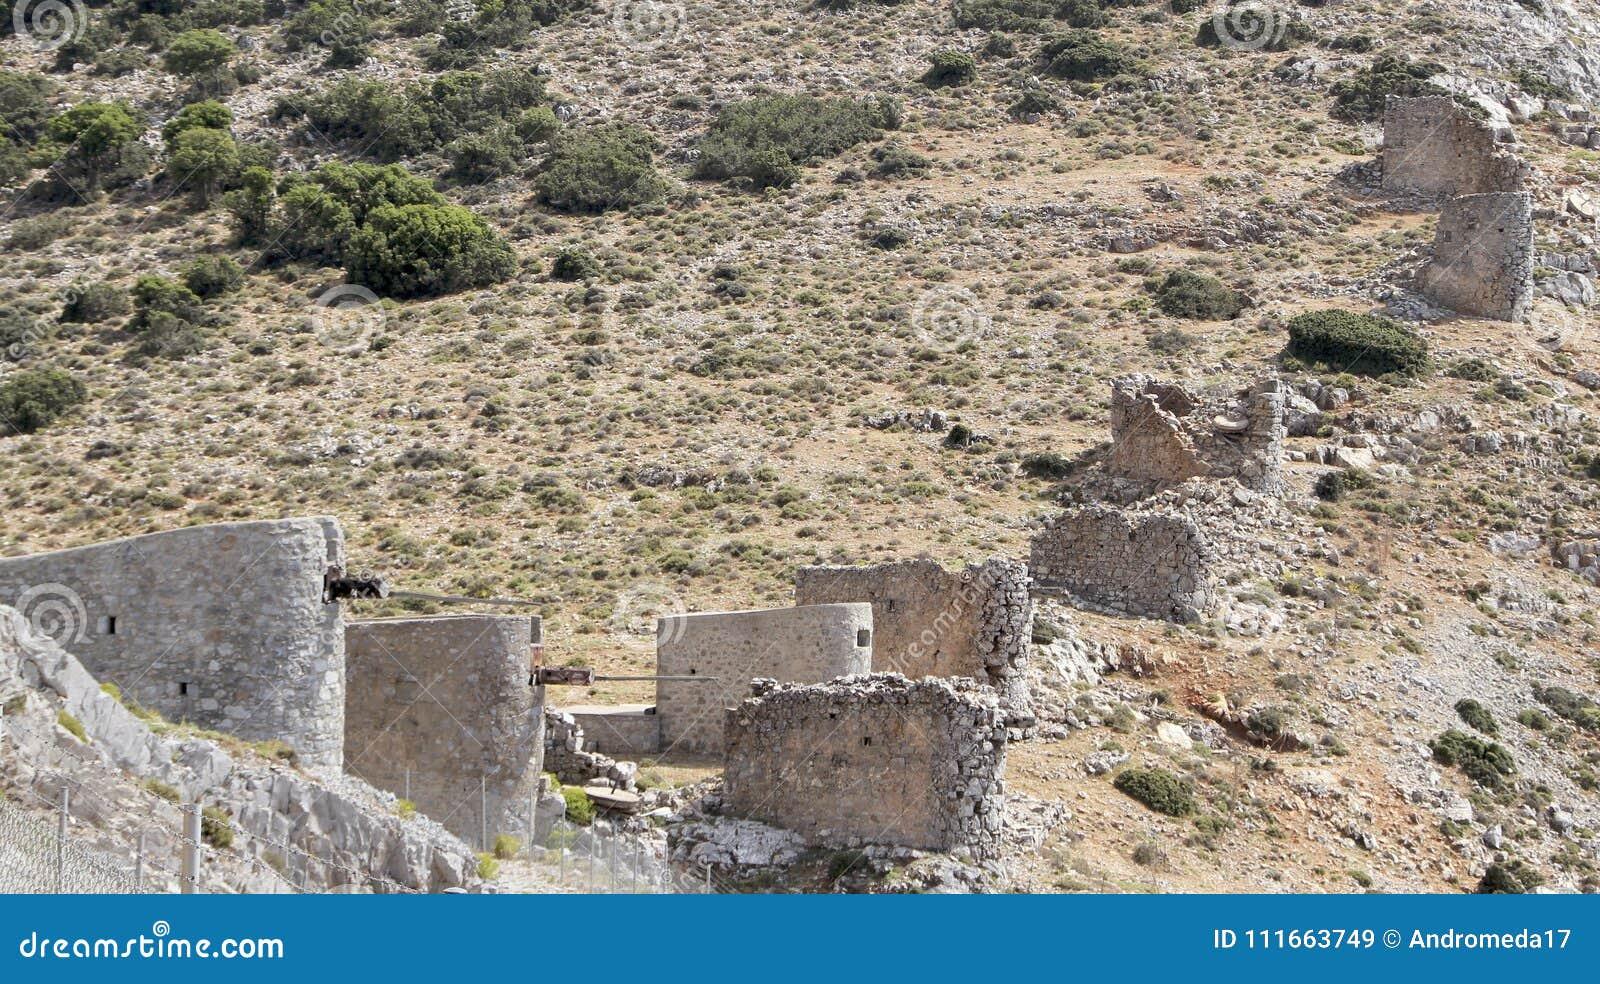 Rovine dei mulini a vento veneziani antichi costruiti nel XV secolo, plateau di Lassithi, Creta, Grecia